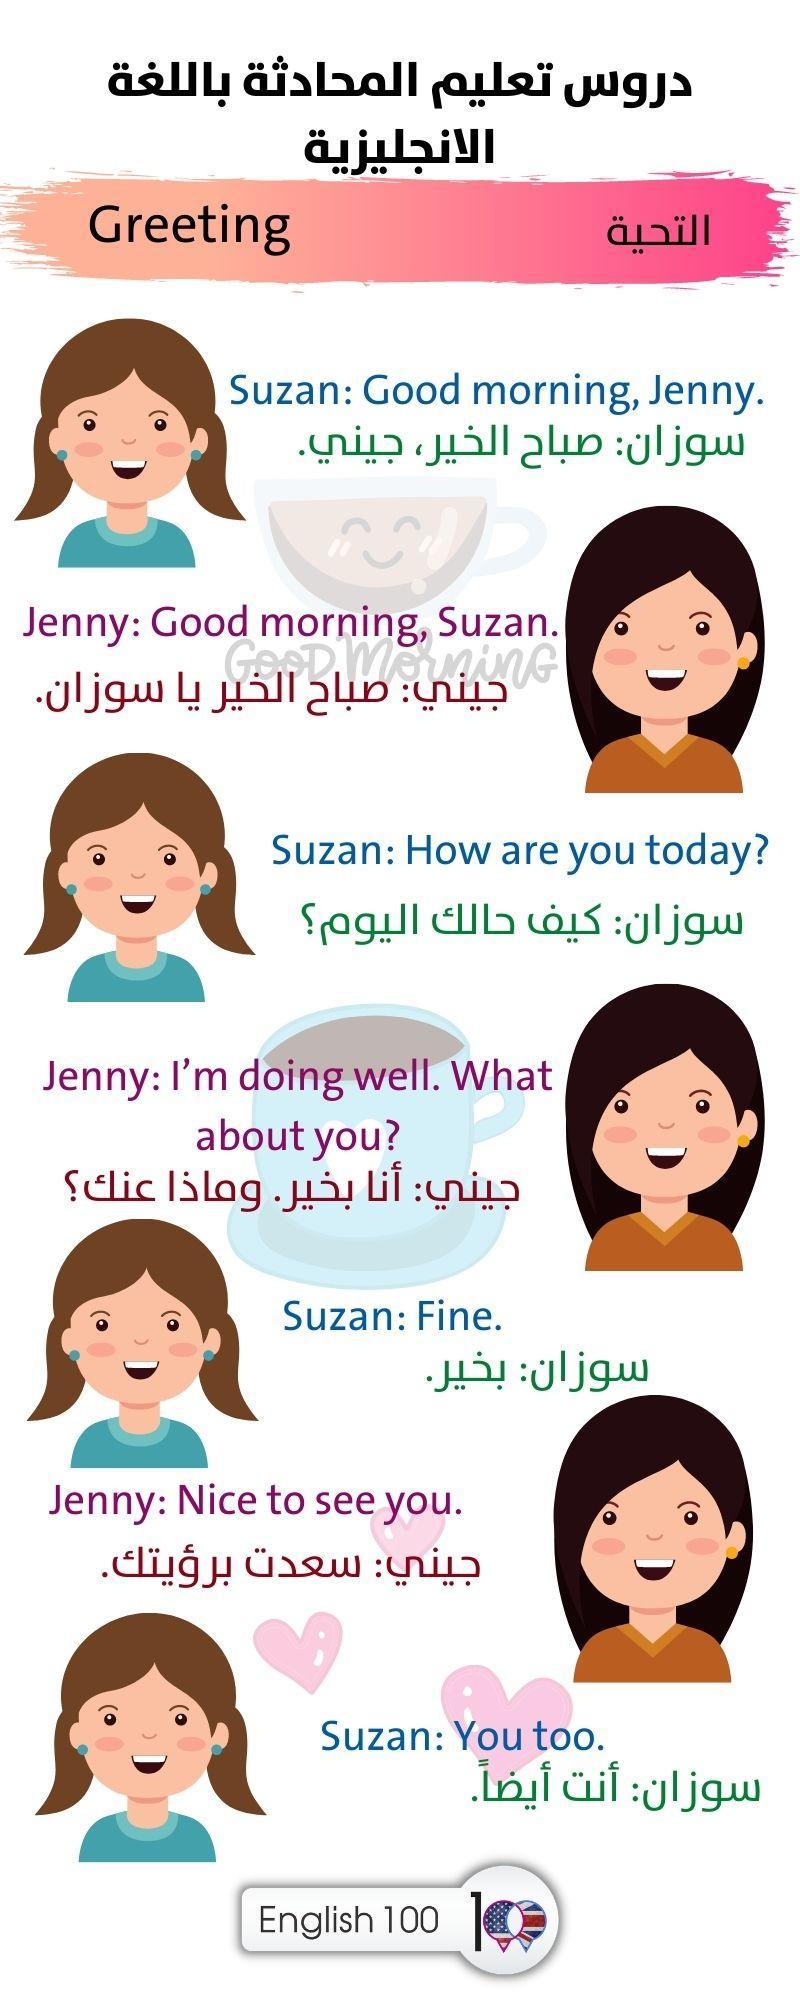 دروس تعليم المحادثة باللغة الانجليزية Learning English conversation lessons